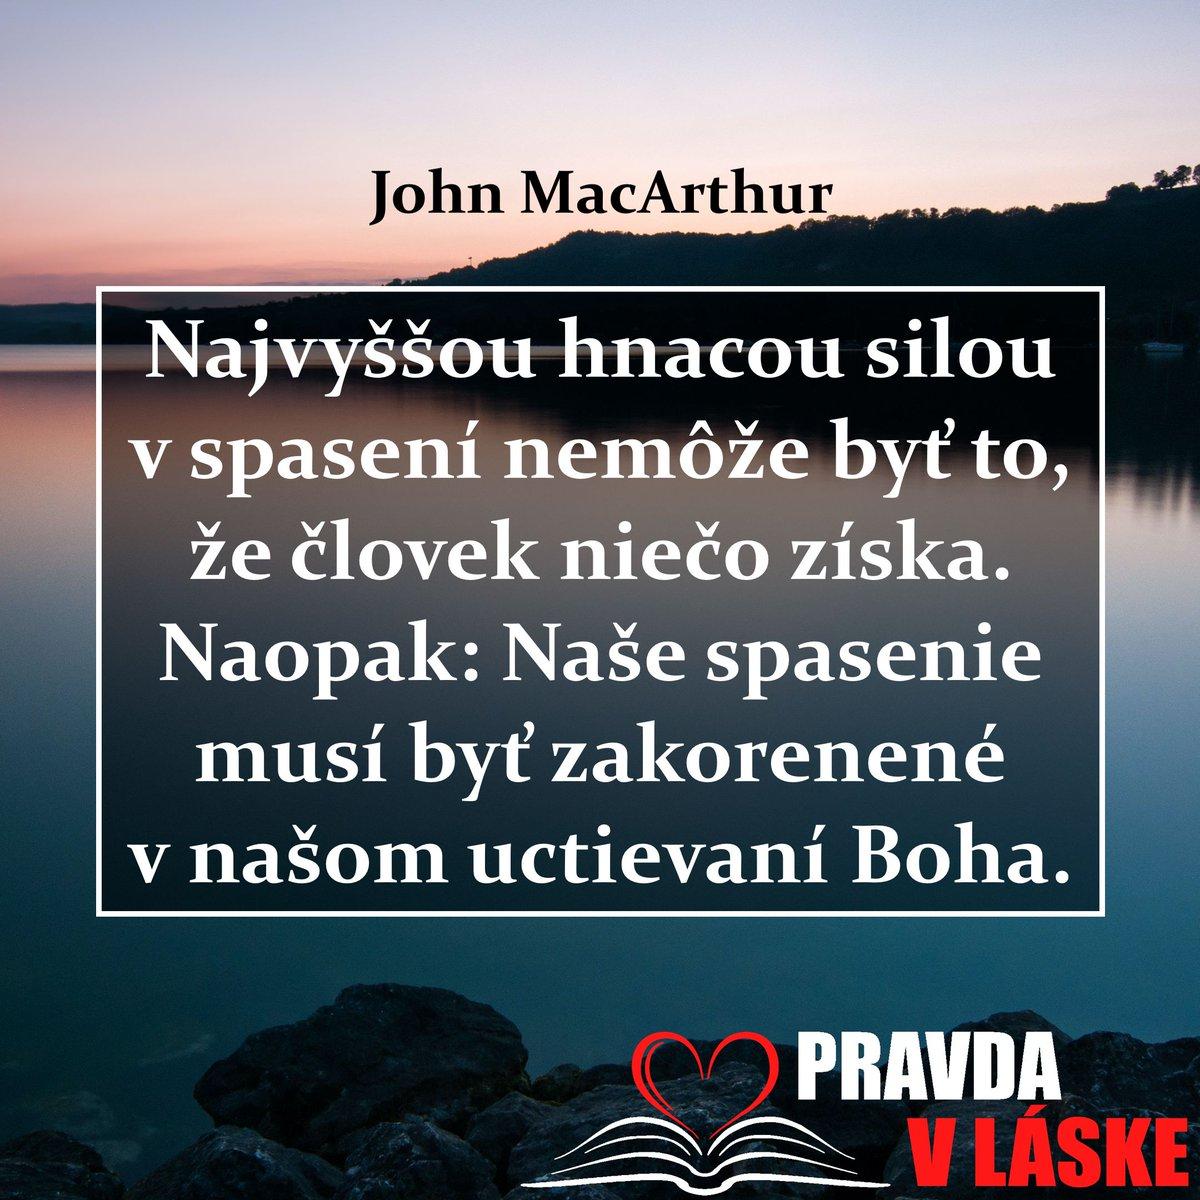 Najvyššou hnacou silou v spasení nemôže byť to, že človek niečo získa. Naopak: Naše spasenie musí byť zakorenené v našom uctievaní Boha. John MacArthur pic.twitter.com/euJdqJLYzc